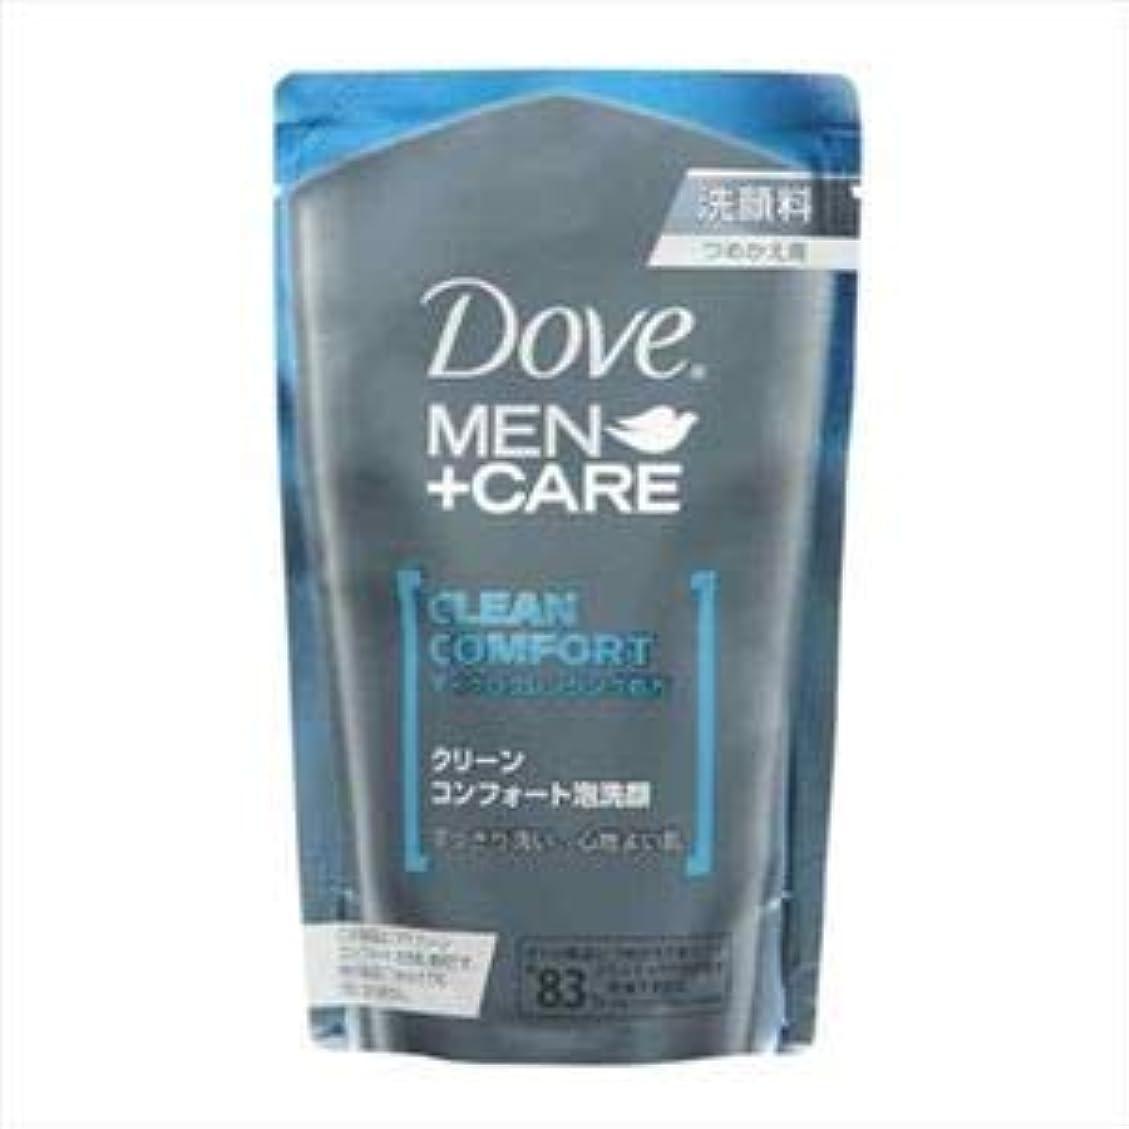 儀式厄介な加害者(まとめ)ユニリーバ Dove(ダヴ) ダヴCコンフォート泡洗顔替え110ML 【×5点セット】